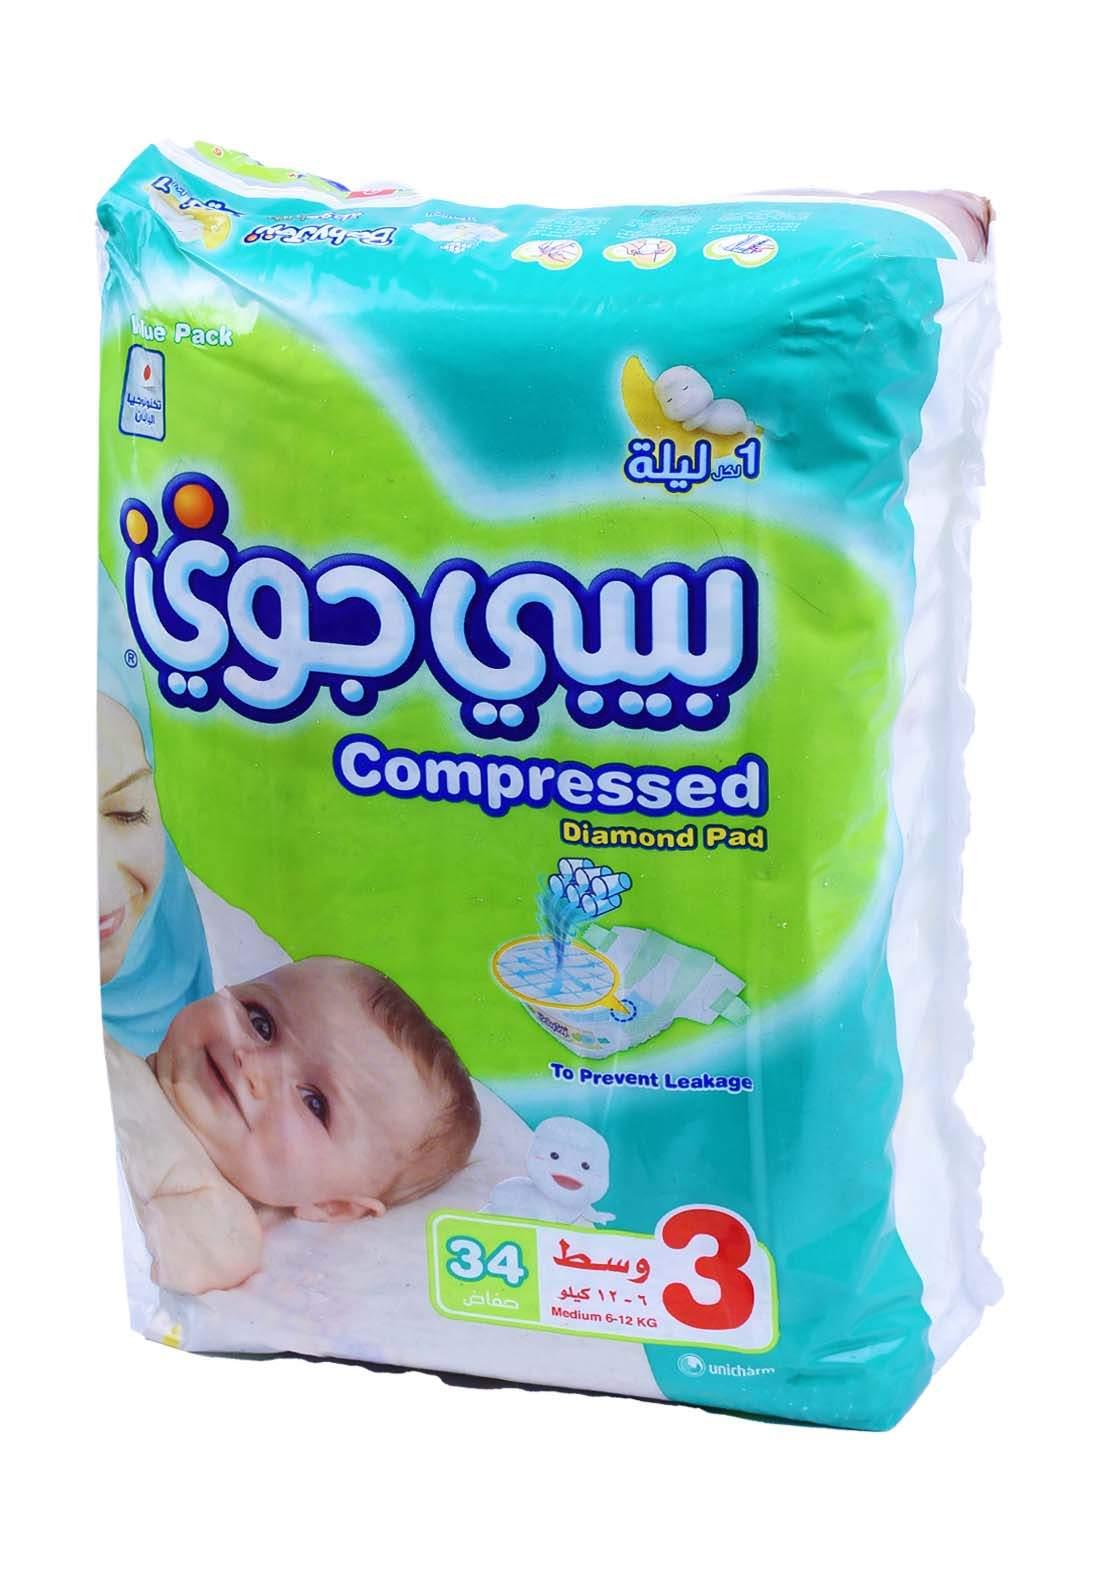 BabyJoy 6-12 Kg 34 Pcs حفاضات بيبي جوي للاطفال عادي رقم 3